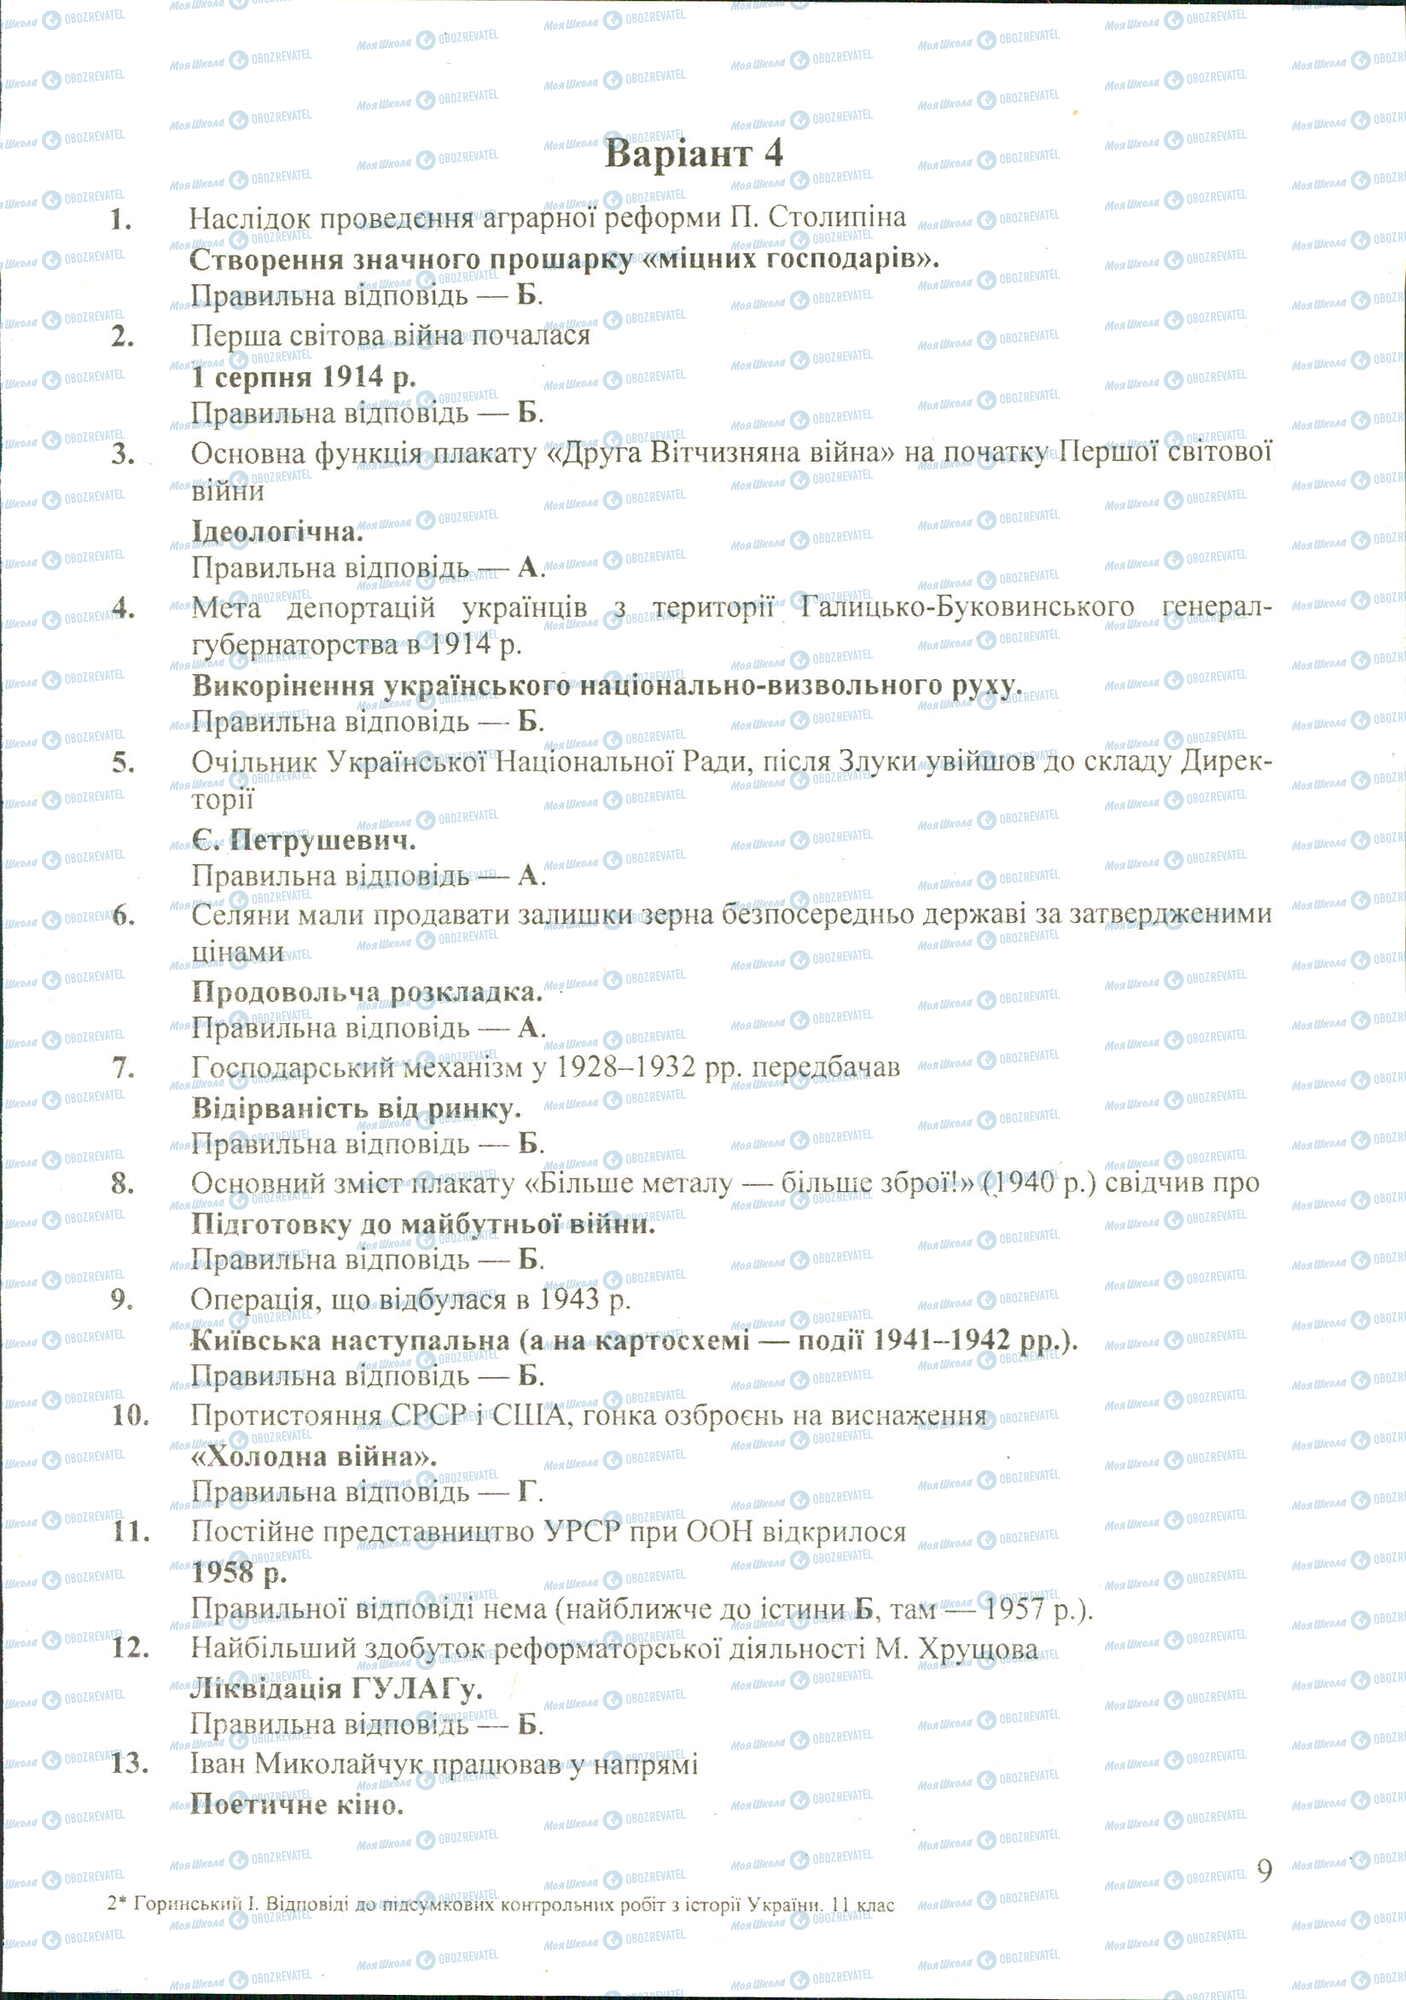 ДПА Історія України 11 клас сторінка image0000020A